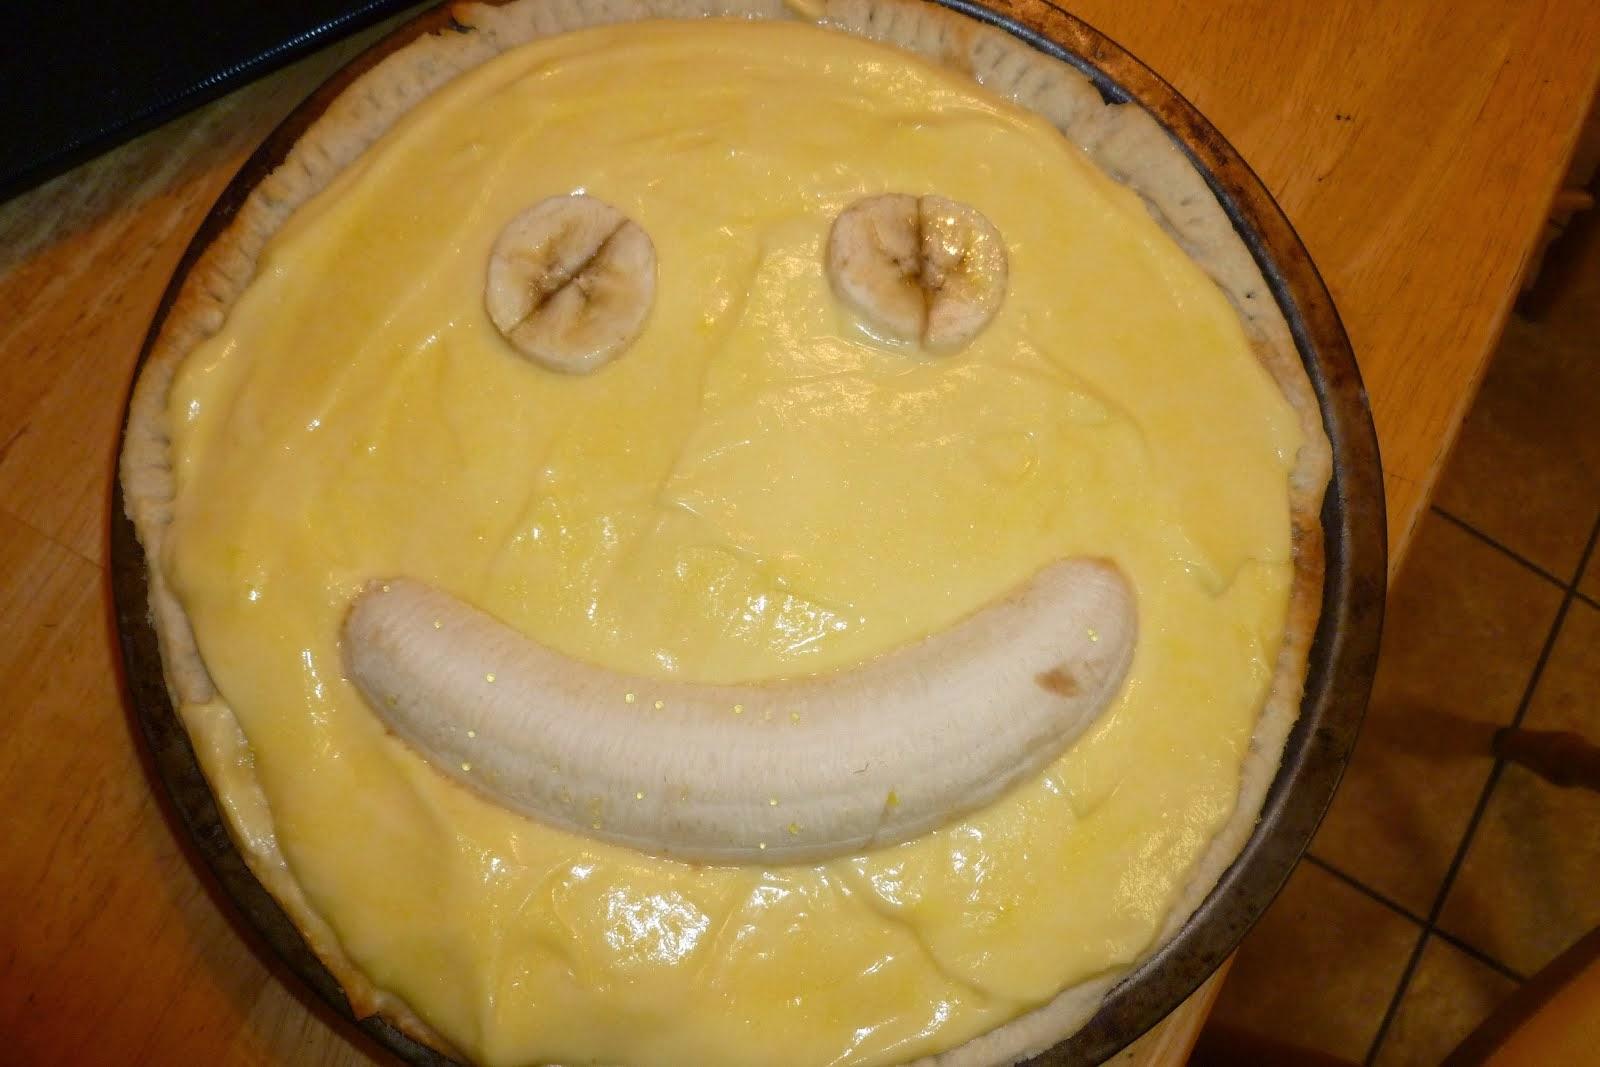 Josh's banana pie